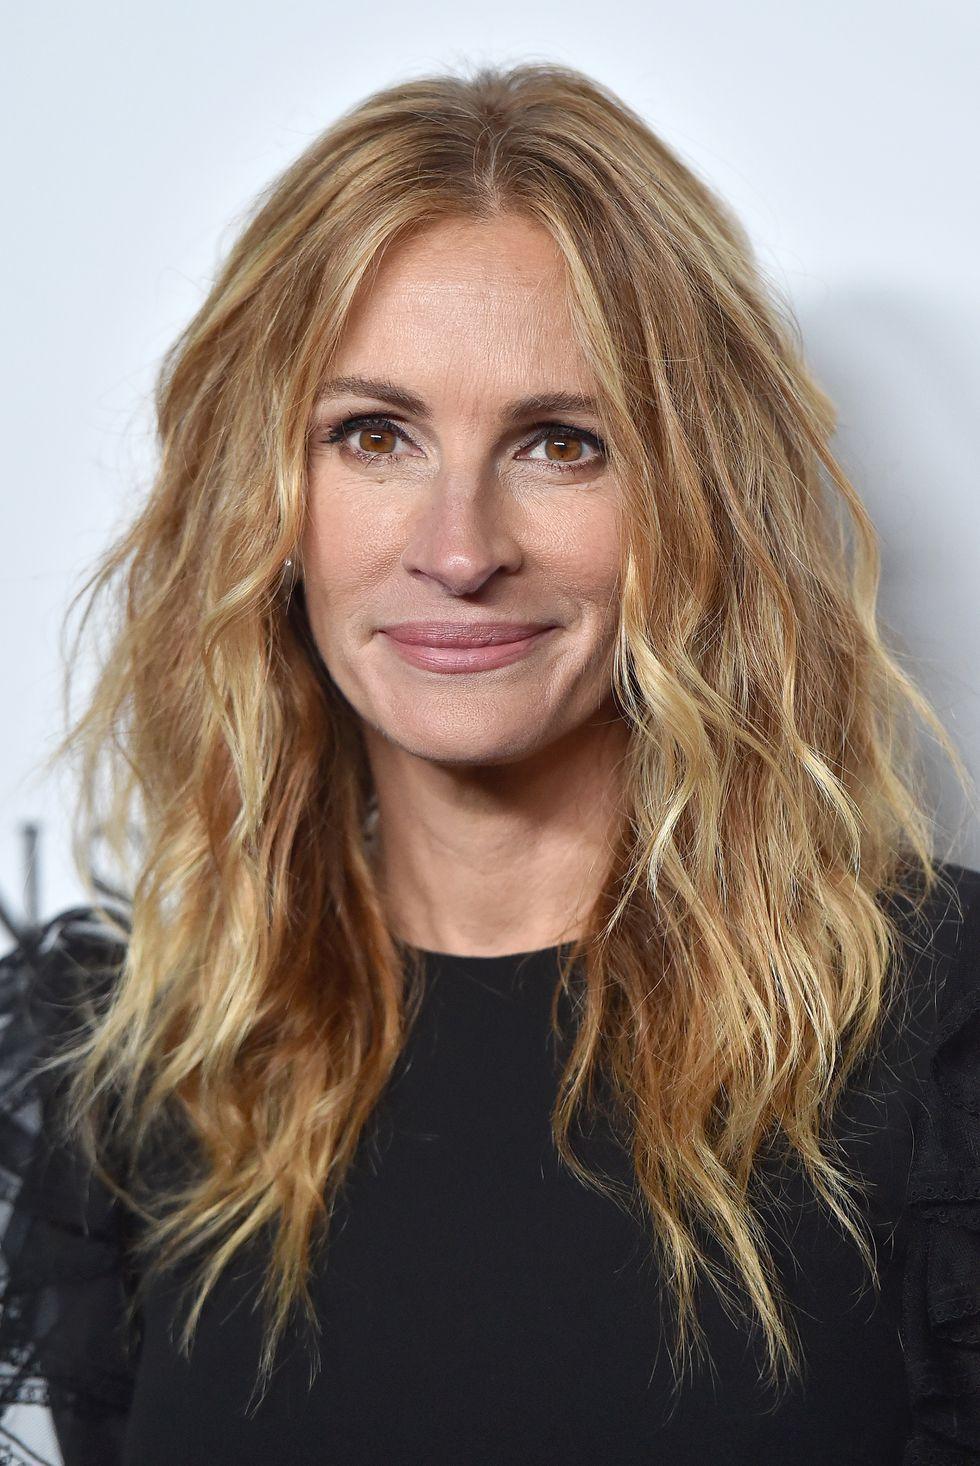 Mỹ nhân Hollywood gợi ý 10 kiểu tóc xoăn đẹp cho từng dáng mặt - Ảnh 9